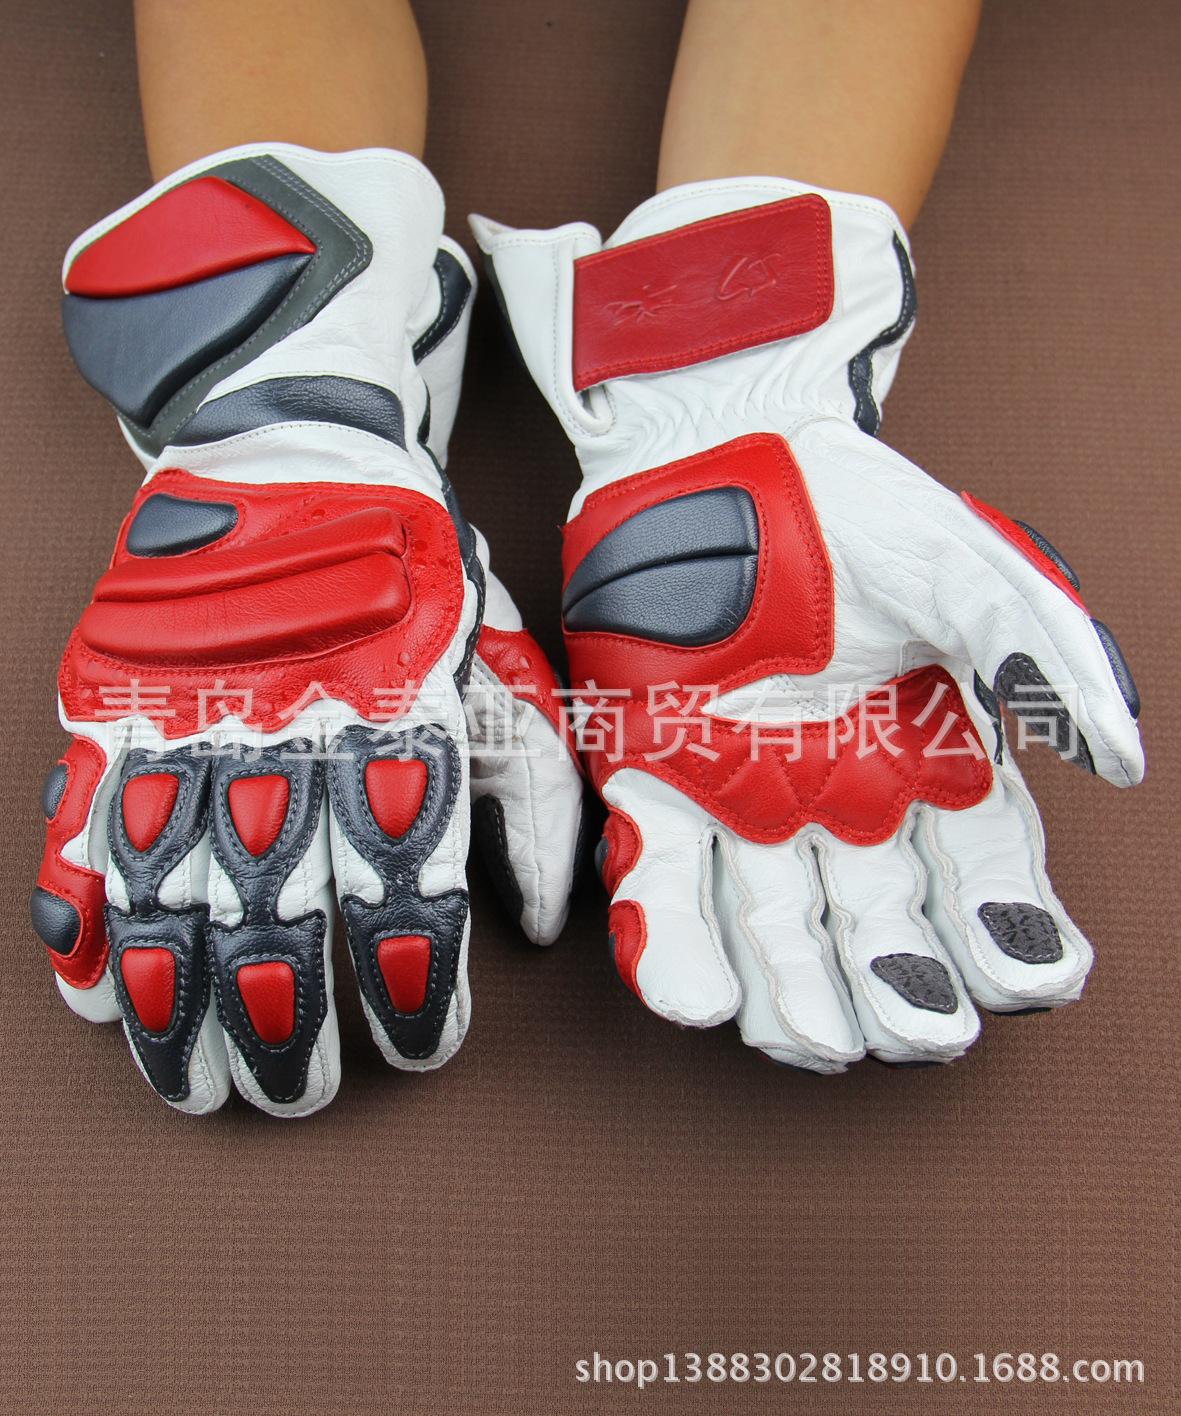 JTY摩托车/赛车专用纯皮(进口头层皮)手套防风保暖防震厂家***